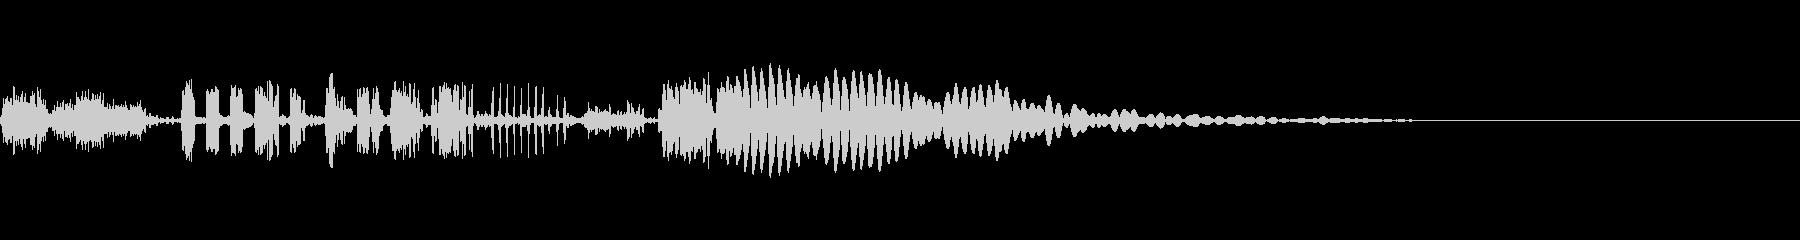 ZapAccents EC09_42_1の未再生の波形